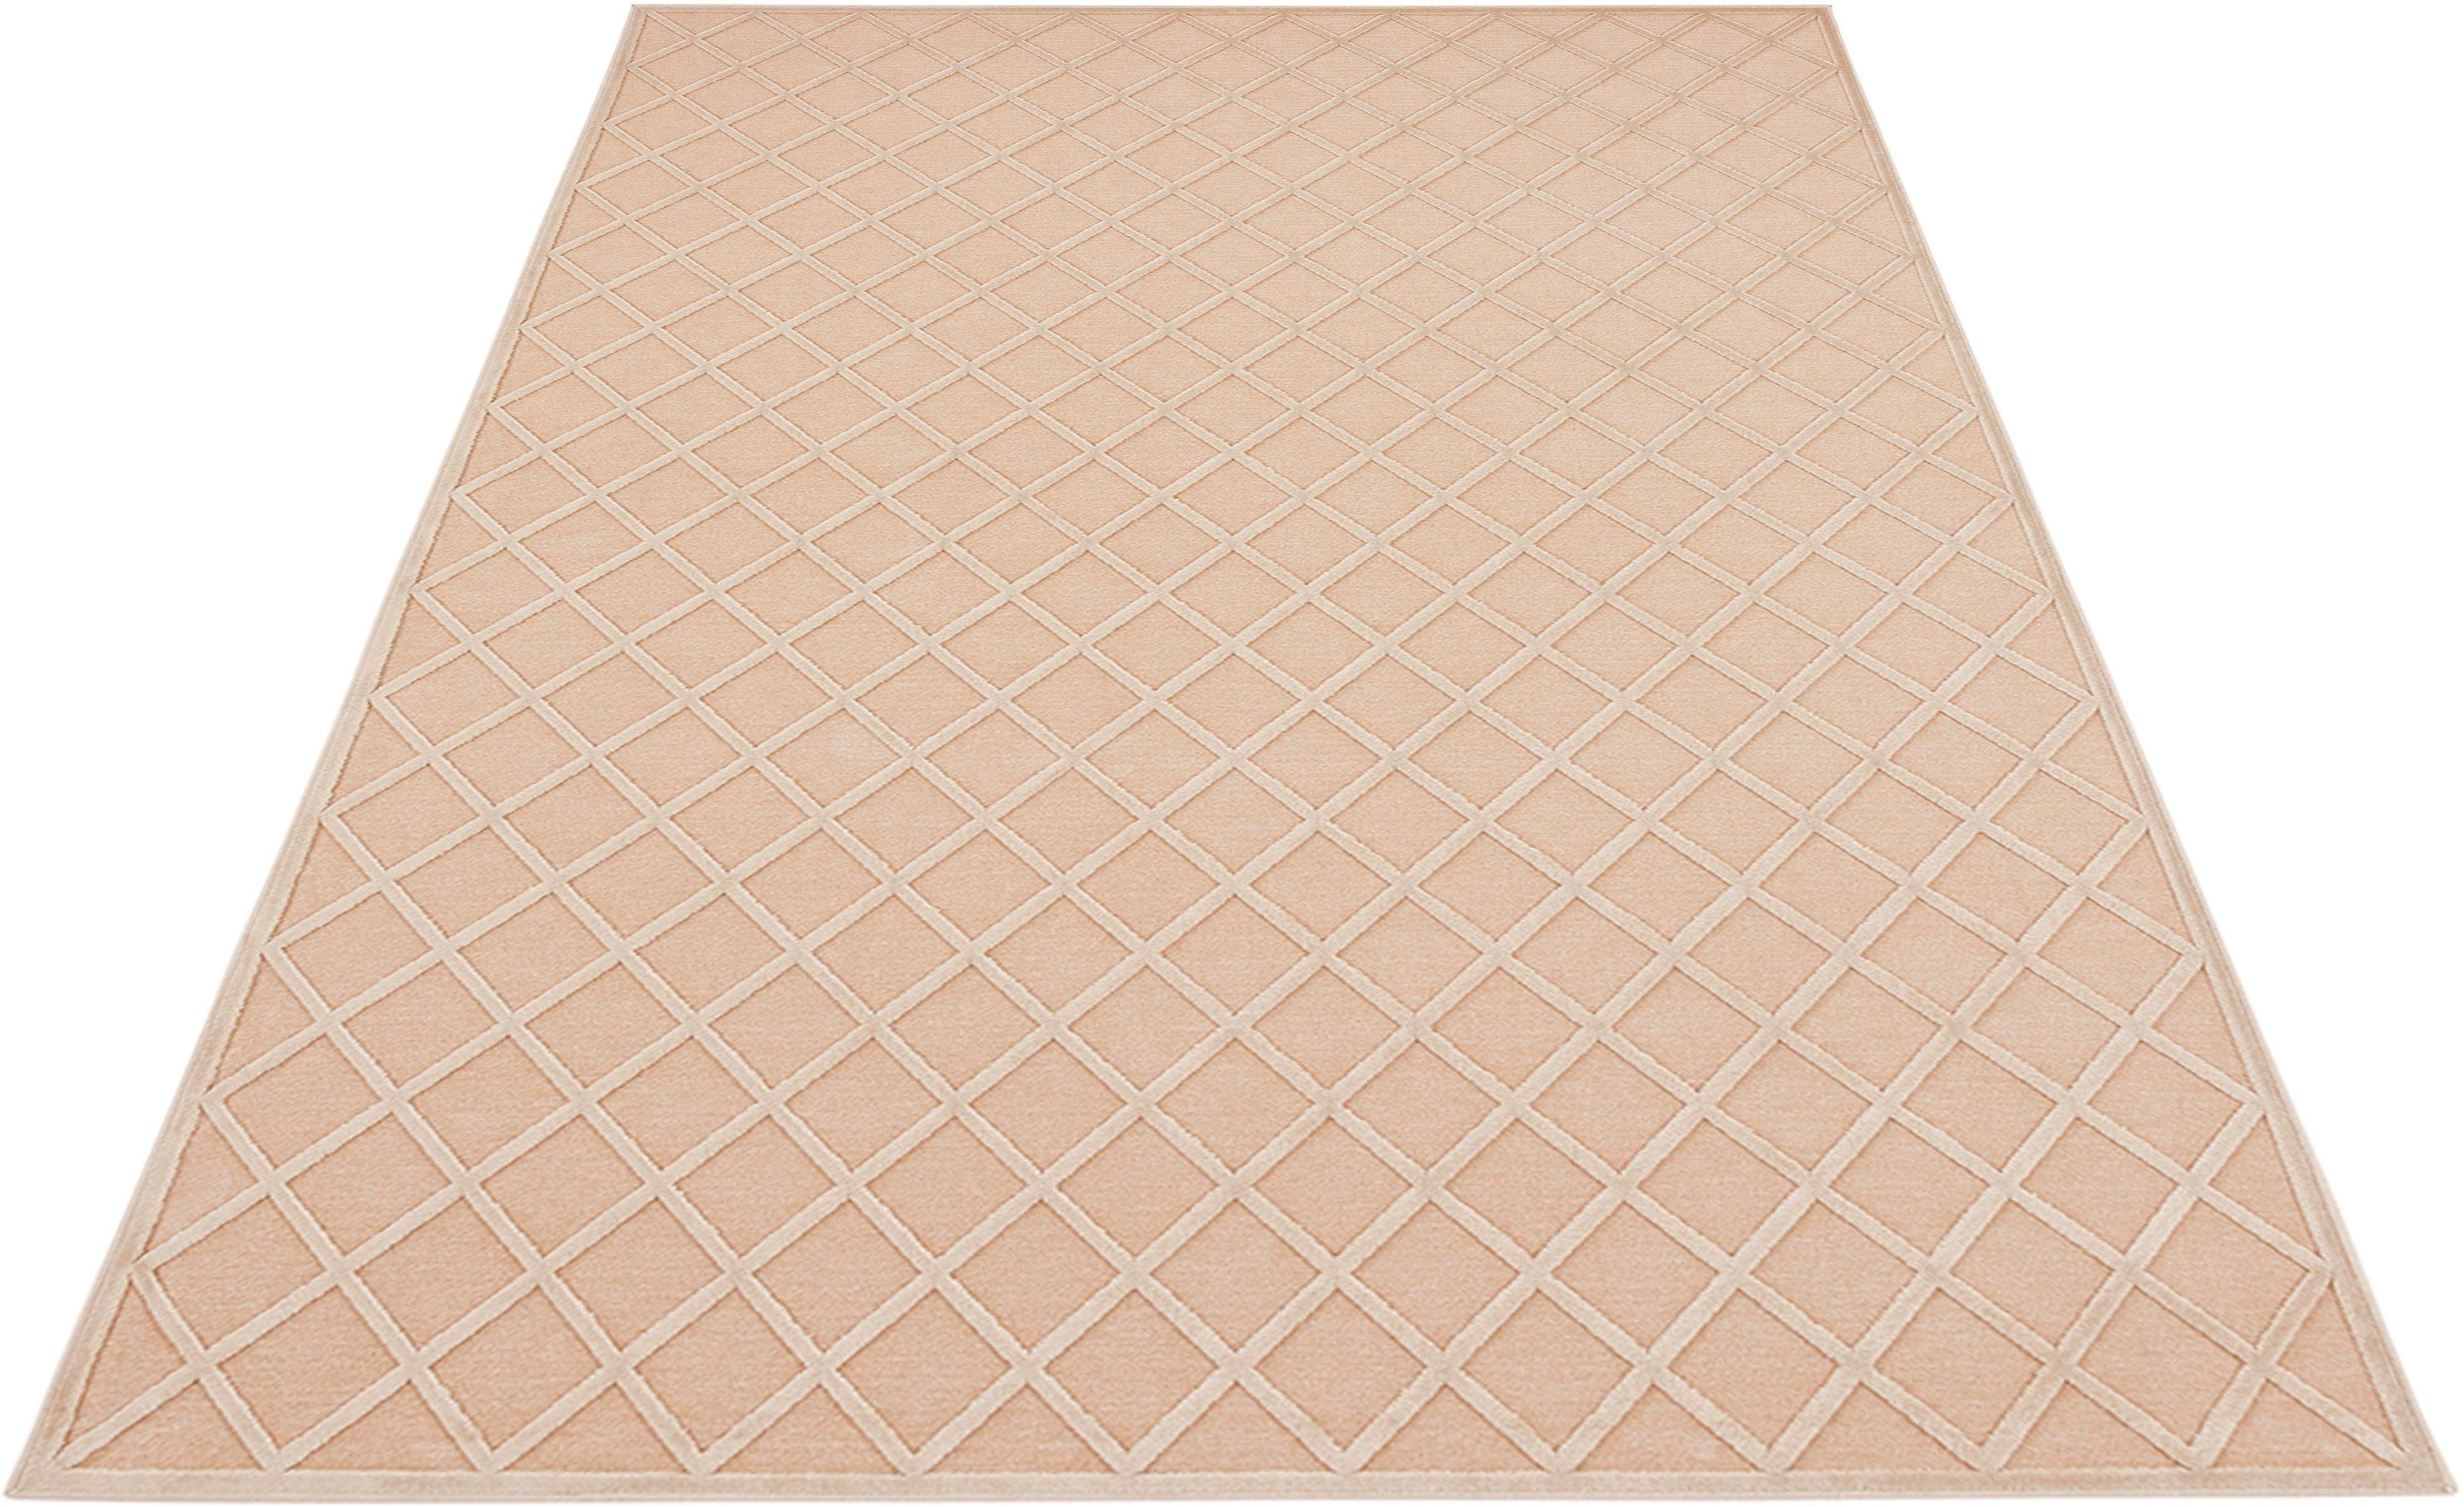 Teppich Danton MINT RUGS rechteckig Höhe 4 mm maschinell gewebt